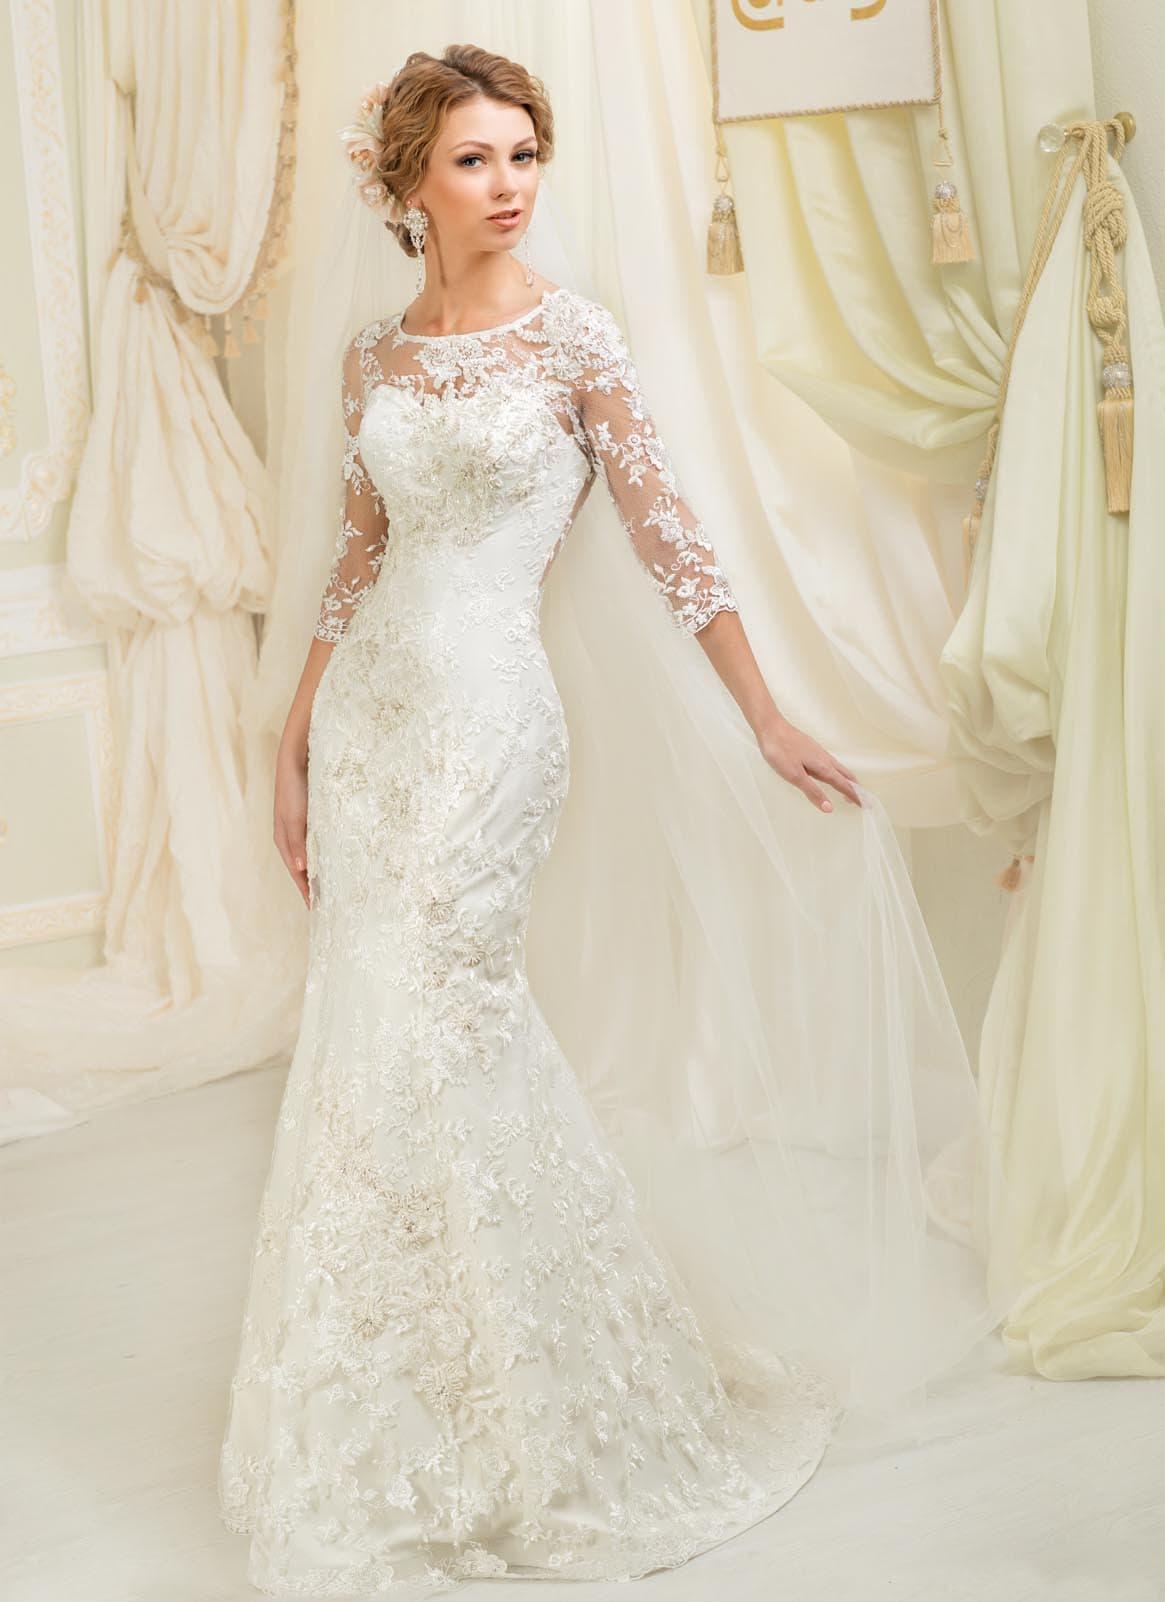 Свадебное платье «рыбка» с отделкой из полупрозрачной ткани с фактурными аппликациями.